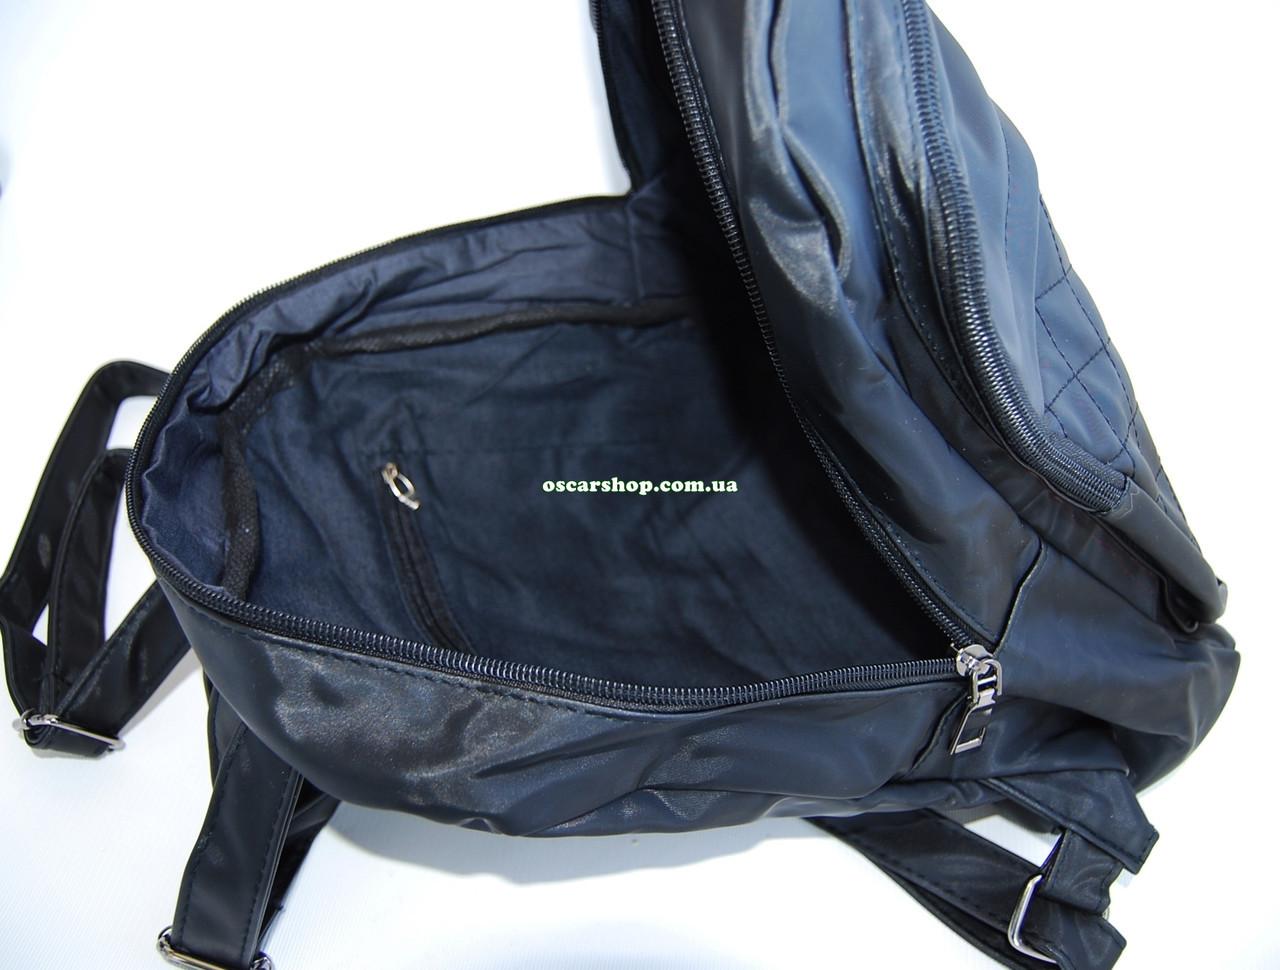 a8b47cbd8216 Мини женский рюкзак. Женская сумка портфель из нейлона. СР03, цена 350  грн., купить в Киеве — Prom.ua (ID#812047149)